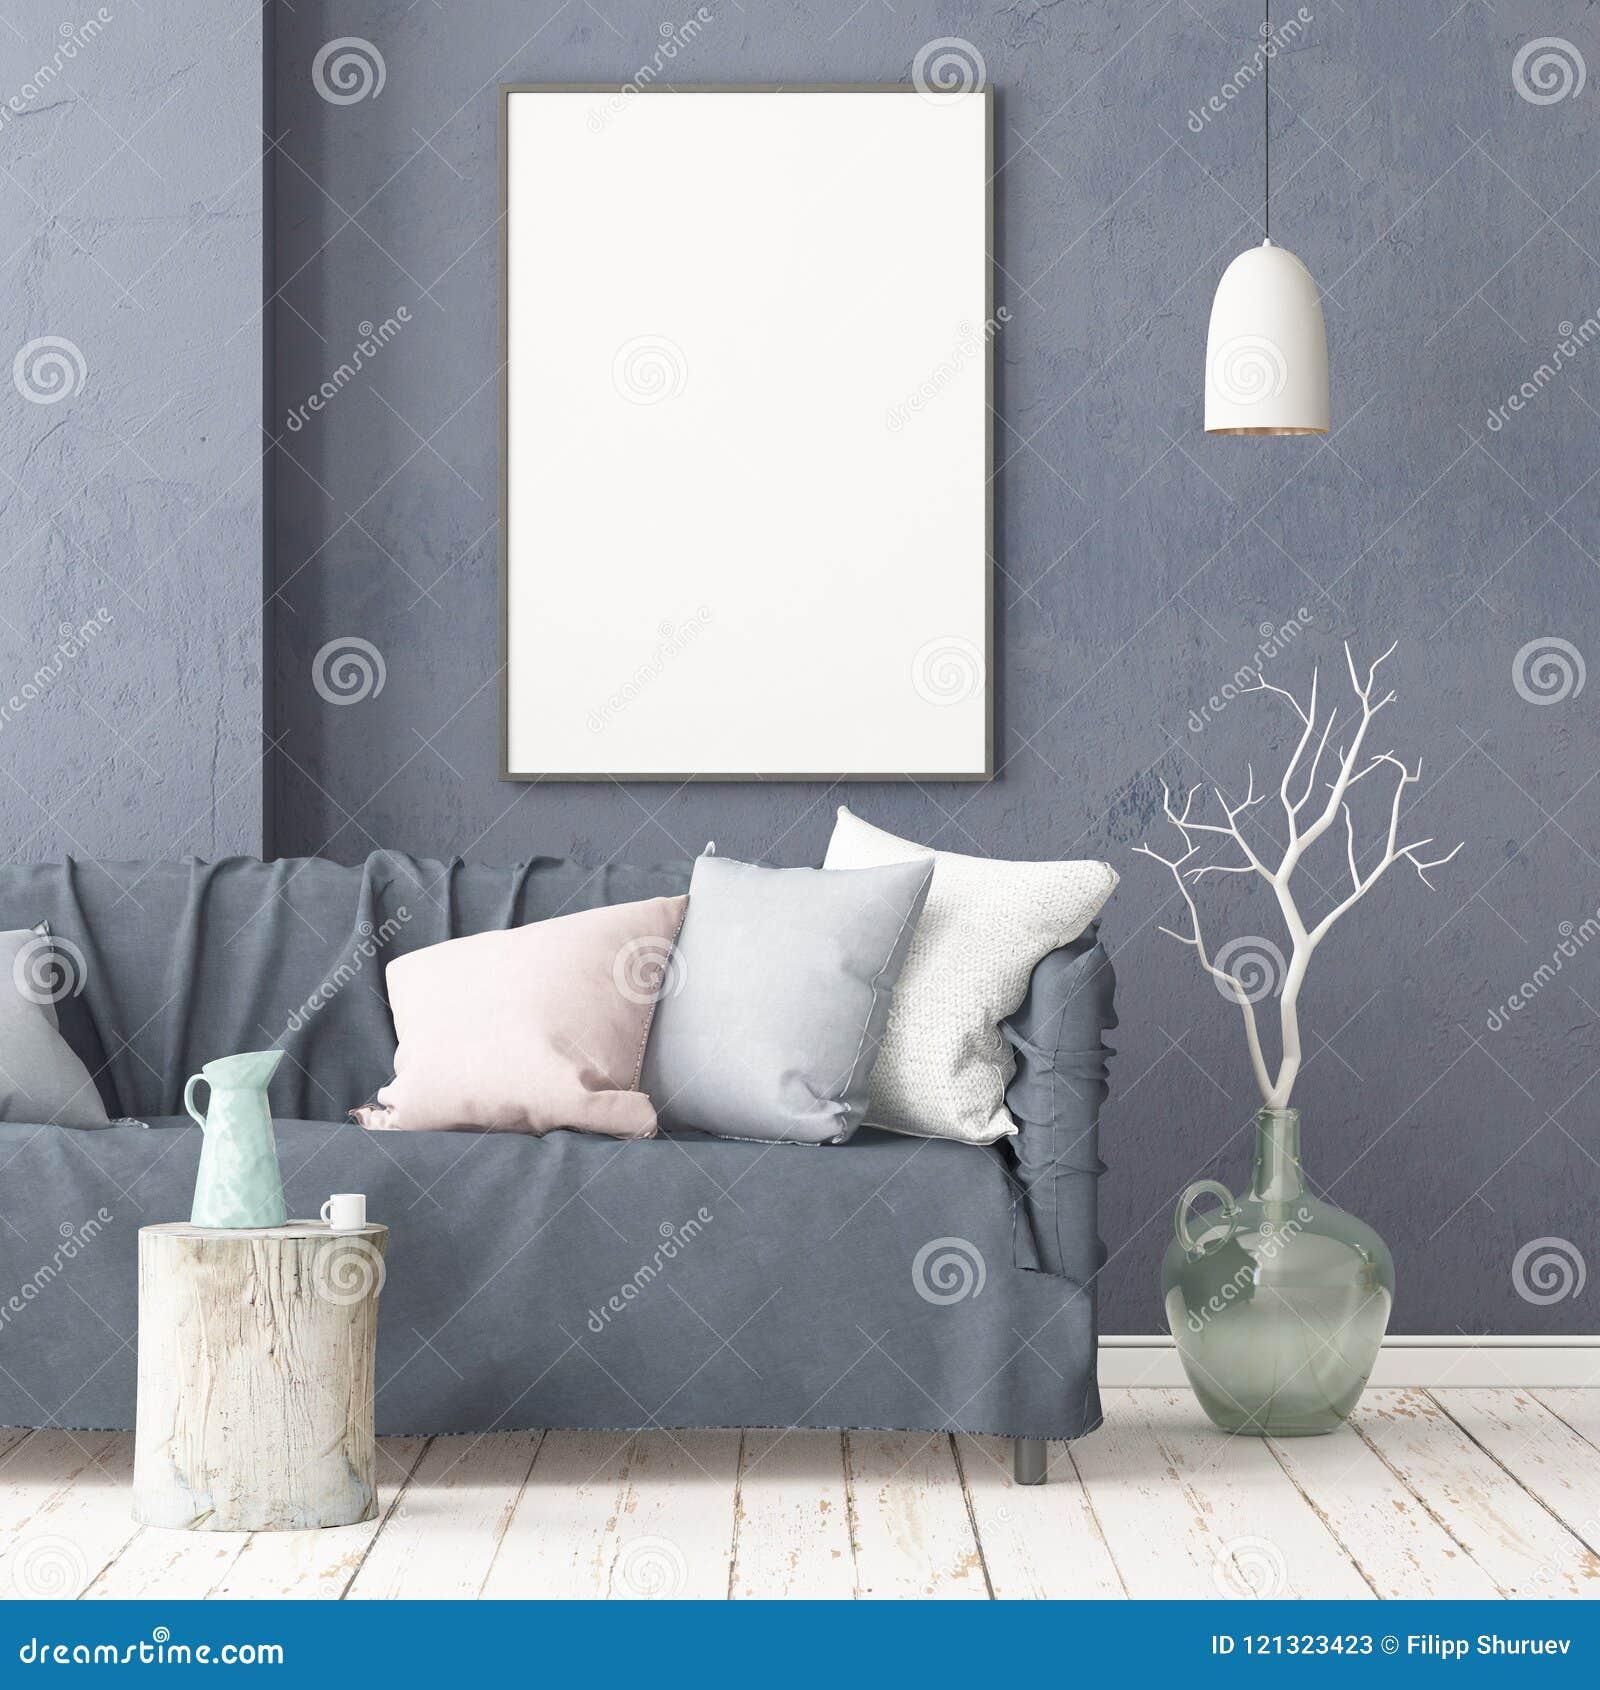 Χλεύη επάνω στην αφίσα στο εσωτερικό στο ύφος μιας καθυστέρησης με μια καρέκλα Σκανδιναβικό ύφος τρισδιάστατη απόδοση